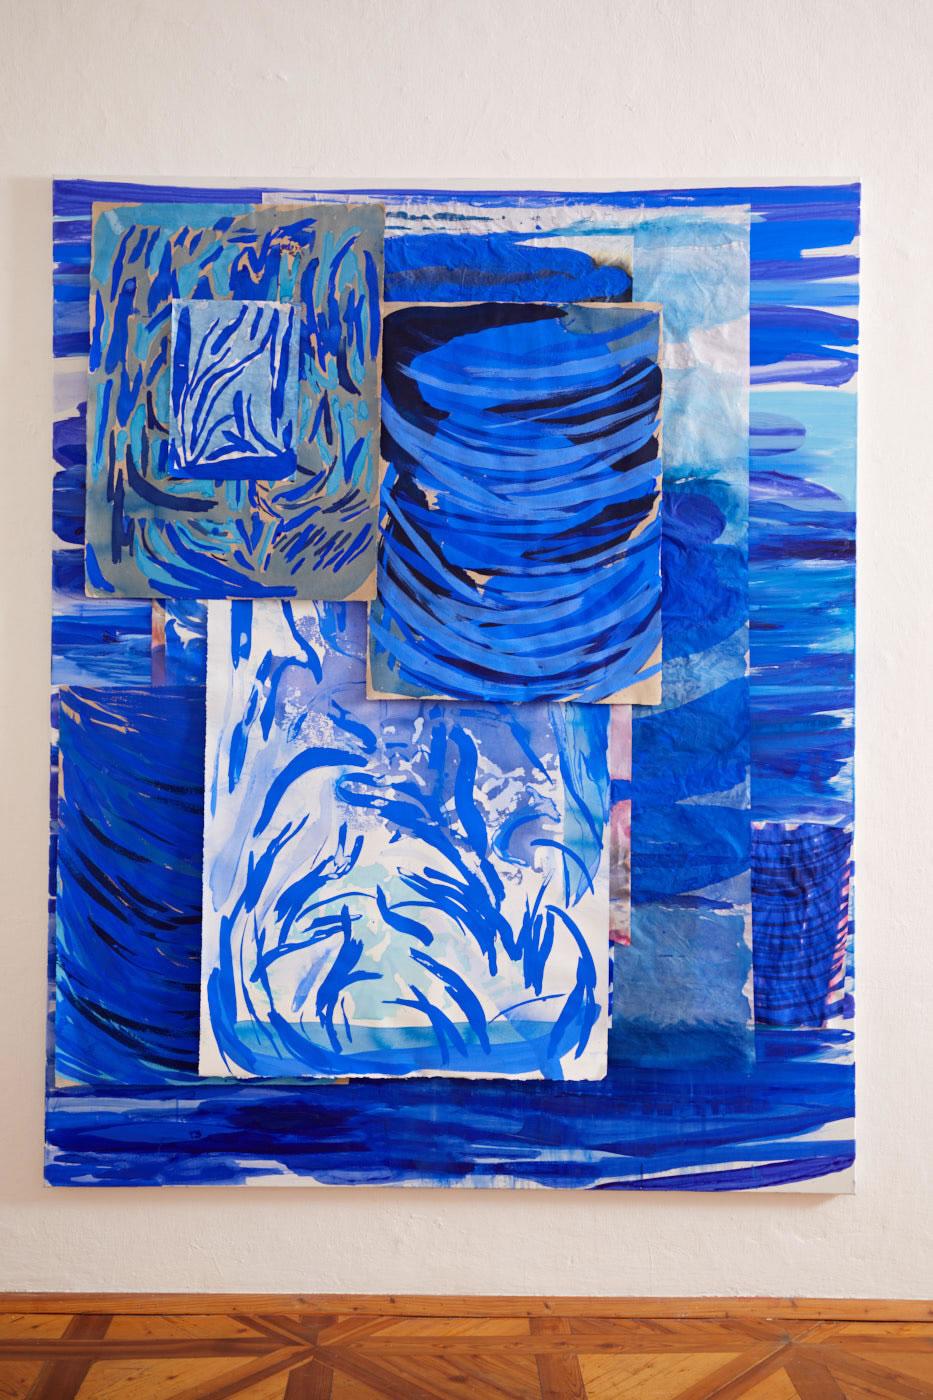 Veronika Dirnhofer | Atem tauschen | 2018 | Mischtechnik und Collage auf Leinwand | 200 x 150 cm | Galerie3 | Foto Johannes Puch